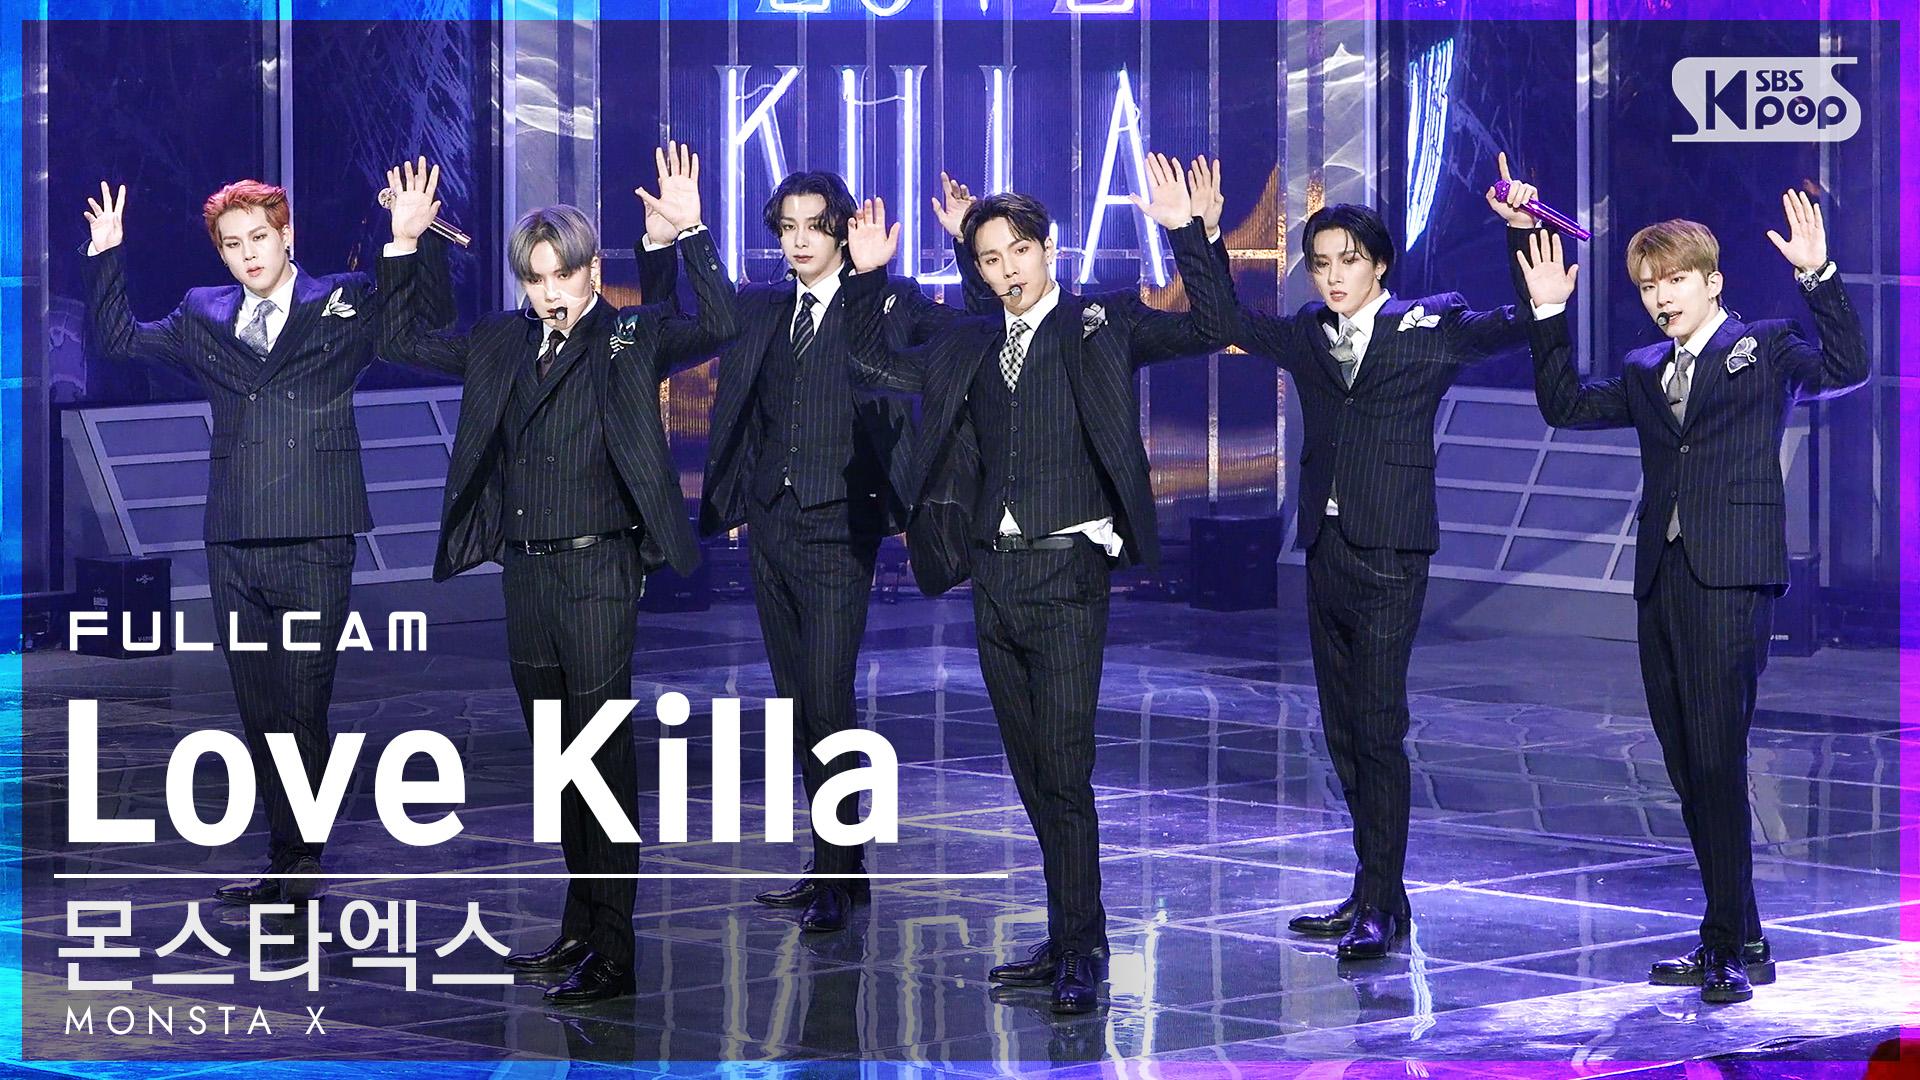 """̊¤ë¸ŒìŠ¤ì¼€ì´íŒ Sbs Kpop On Twitter ̕ˆë°©1열직캠 Monsta X Love Killa ̝¸ê¸°ê°€ìš"""" Monsta X ˪¬ìŠ¤íƒ€ì—'스 Lovekilla Officialmonstax Https T Co Cgm16jzd6b"""